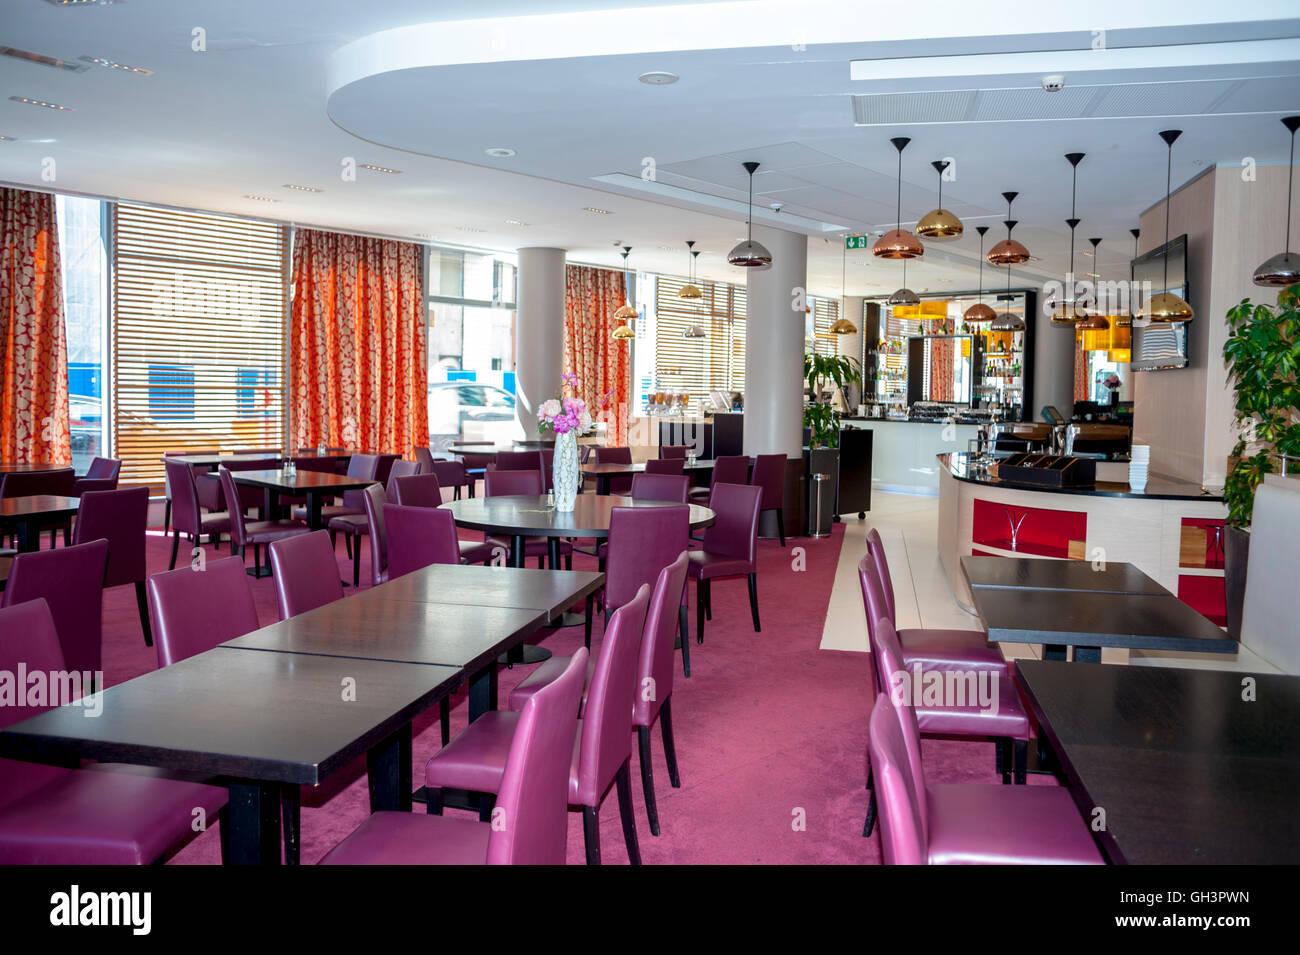 Intercontinental hotel interior restaurant stock photos intercontinental hotel interior - Porte de clichy restaurant ...